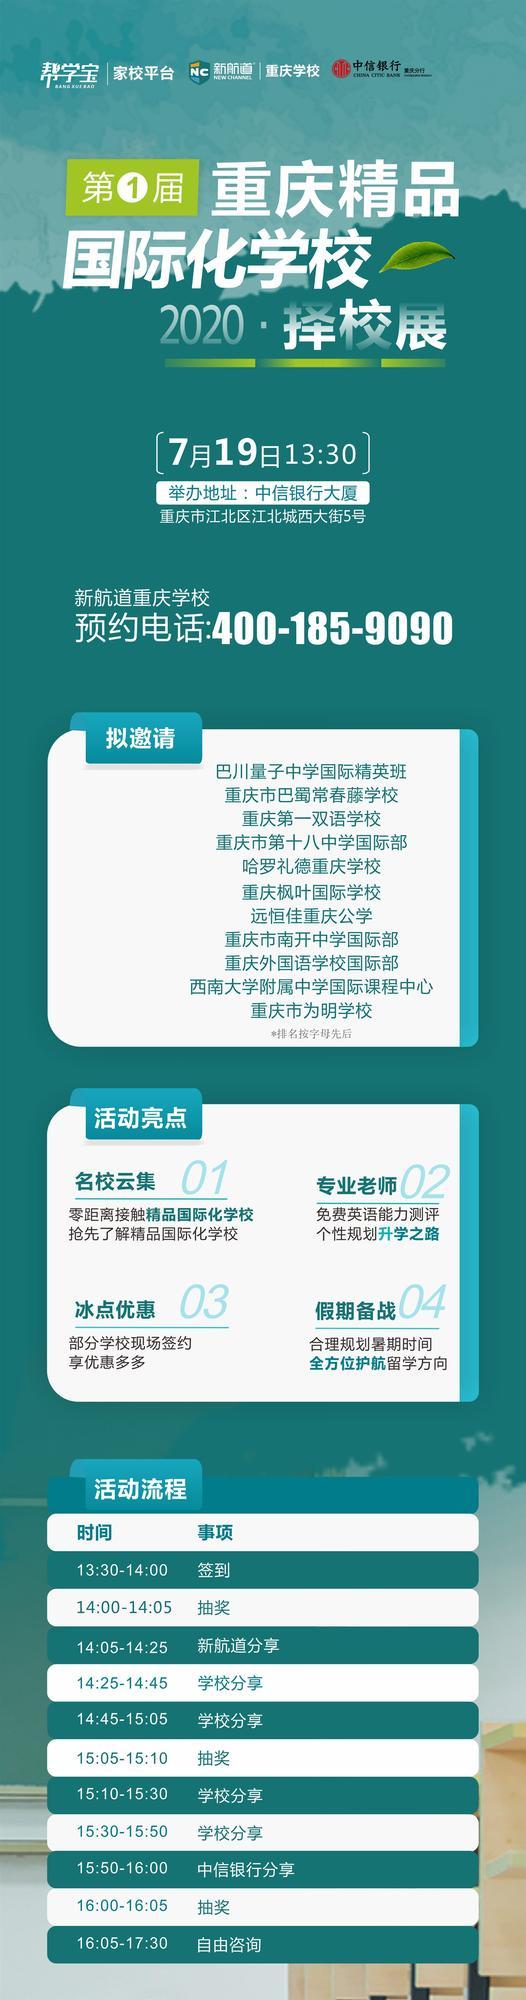 2020重庆首届精品化国际学校择校展一手资讯等你来